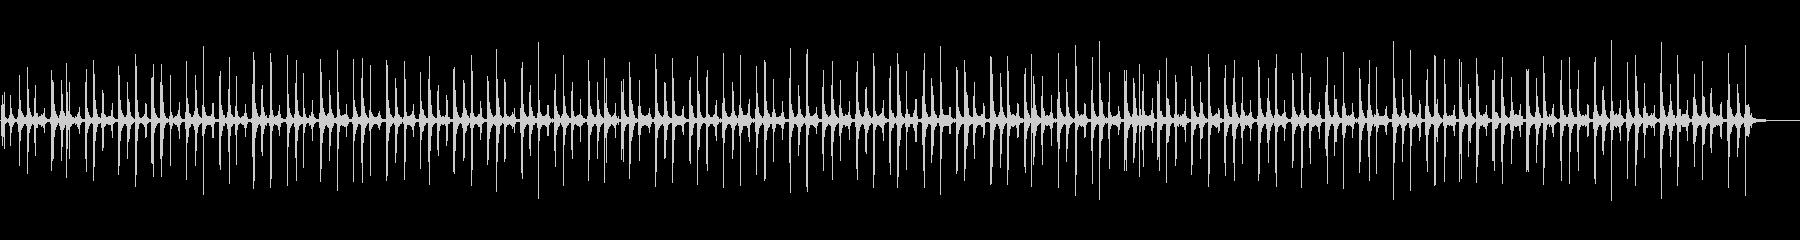 ラテン火山パーカッショングルーブ、...の未再生の波形